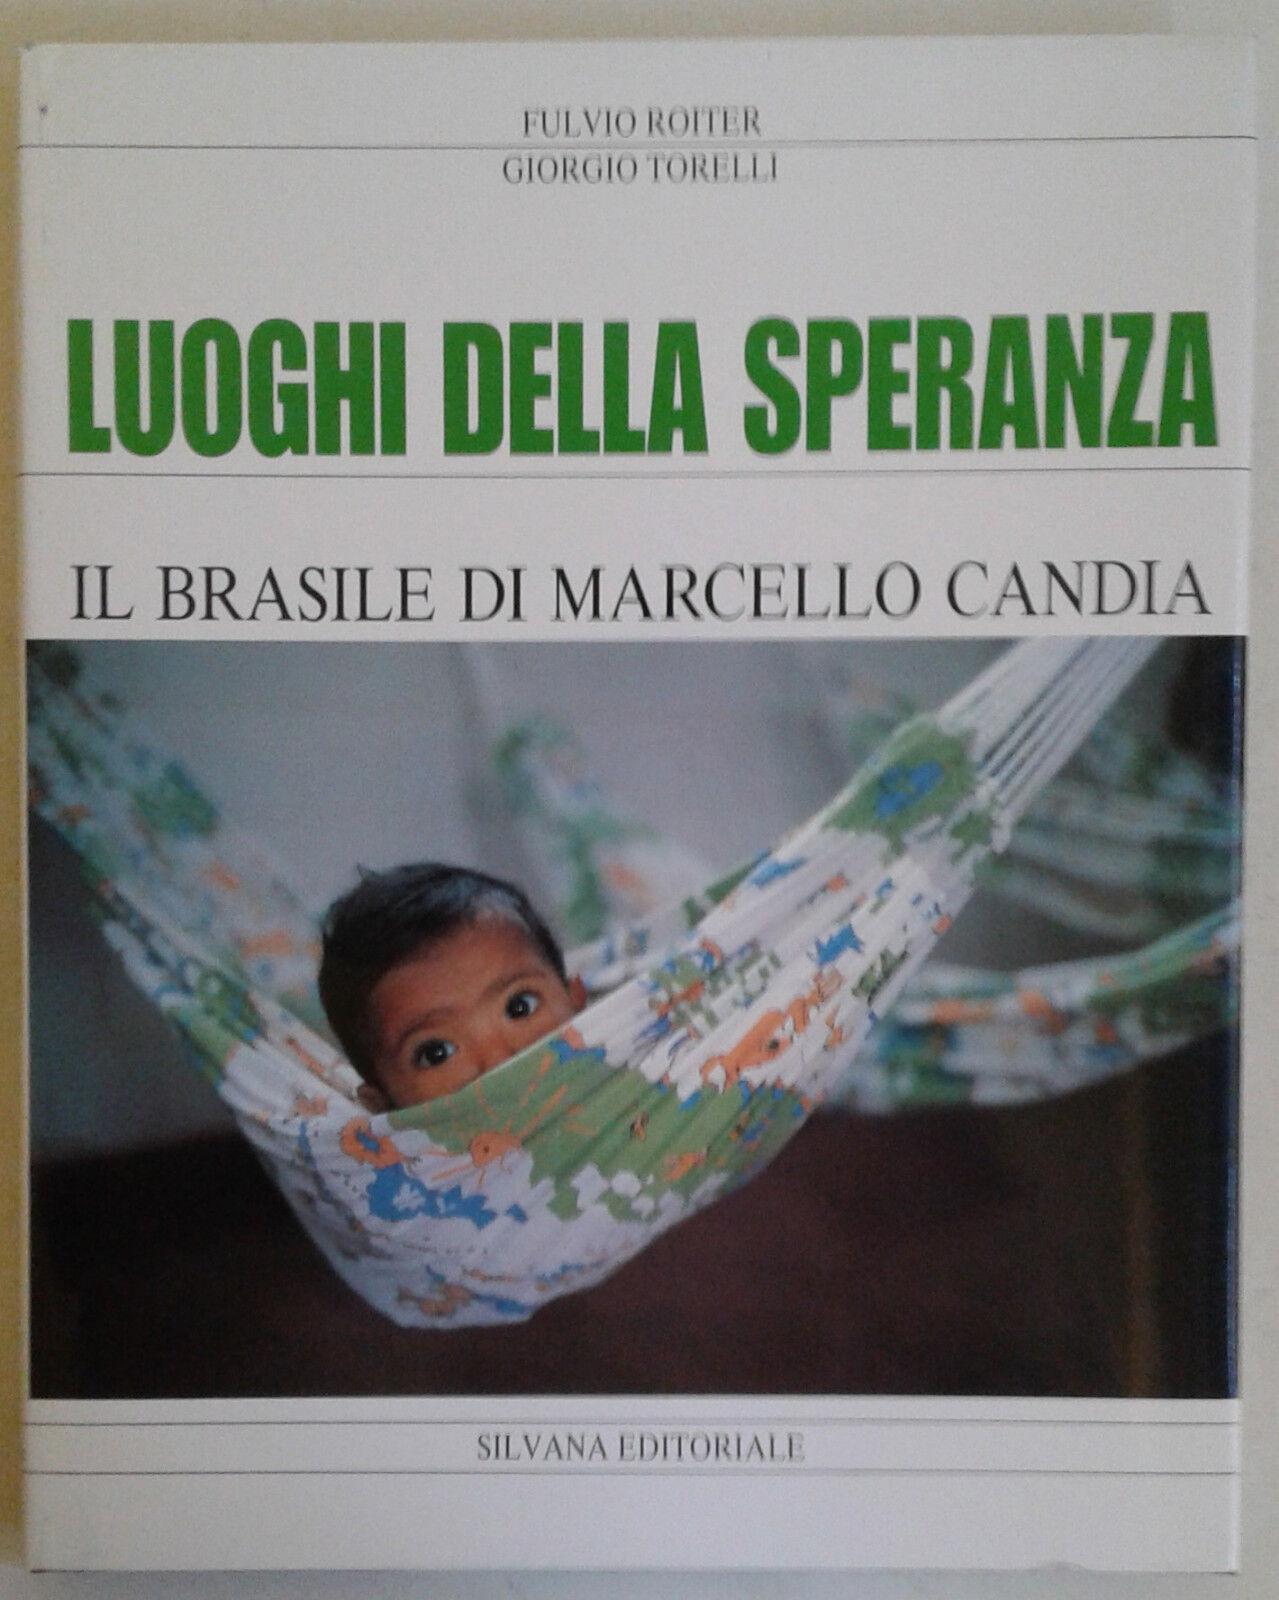 Il Brasile di Marcello Candia